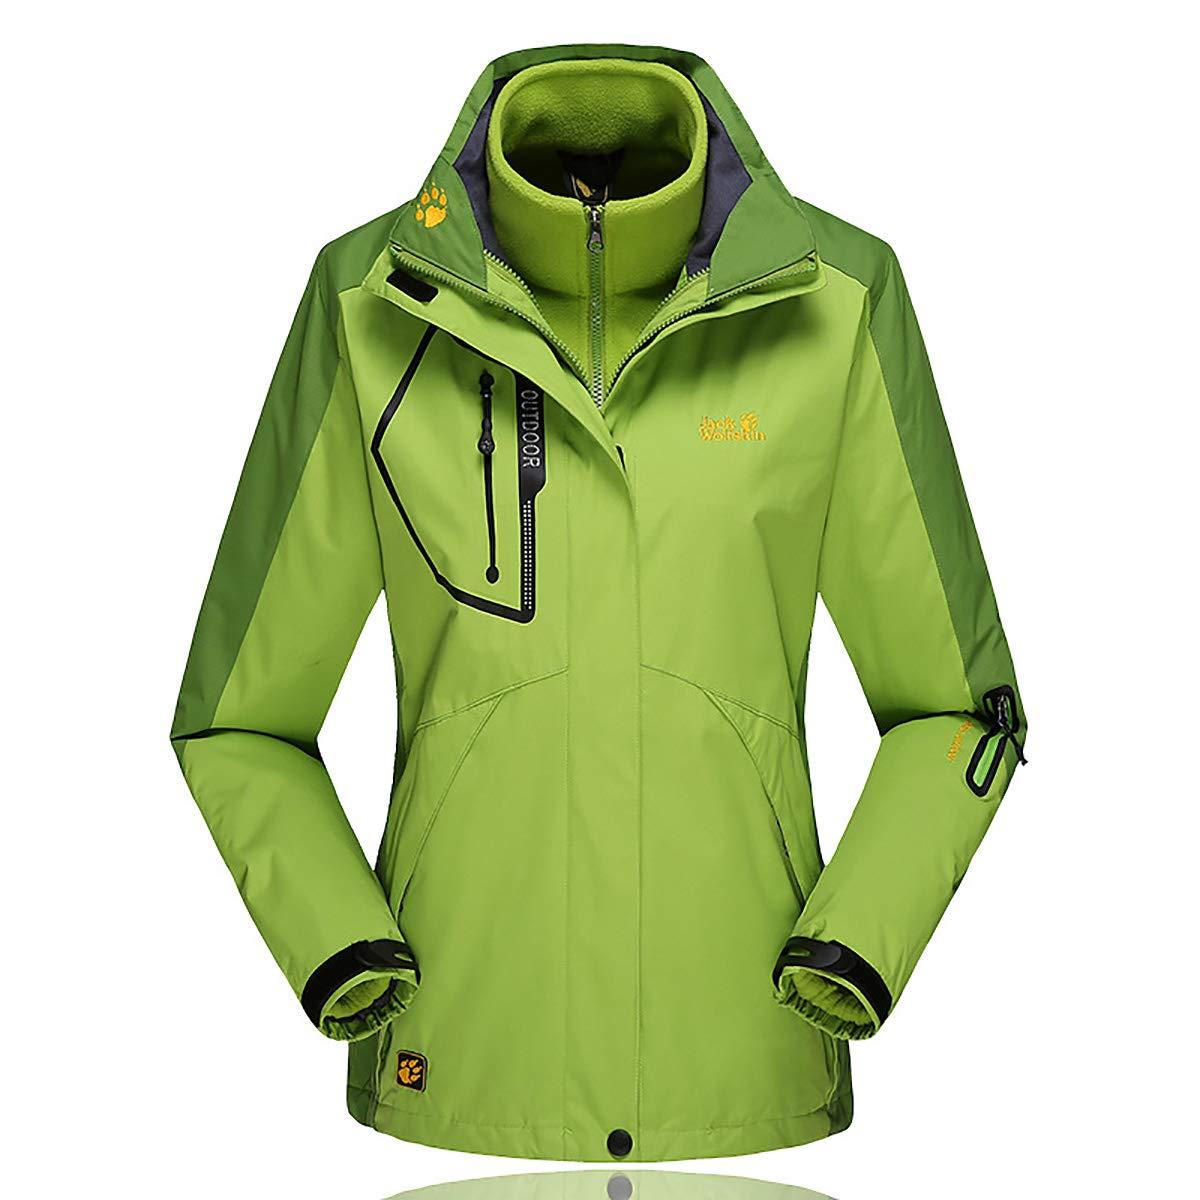 Green Women 3in1 Outdoor Jacket with Removable Fleece Liner, Windproof Waterproof Warm TwoPiece Down Jacket Winter Mountaineering Sportswearr,Purple,XL